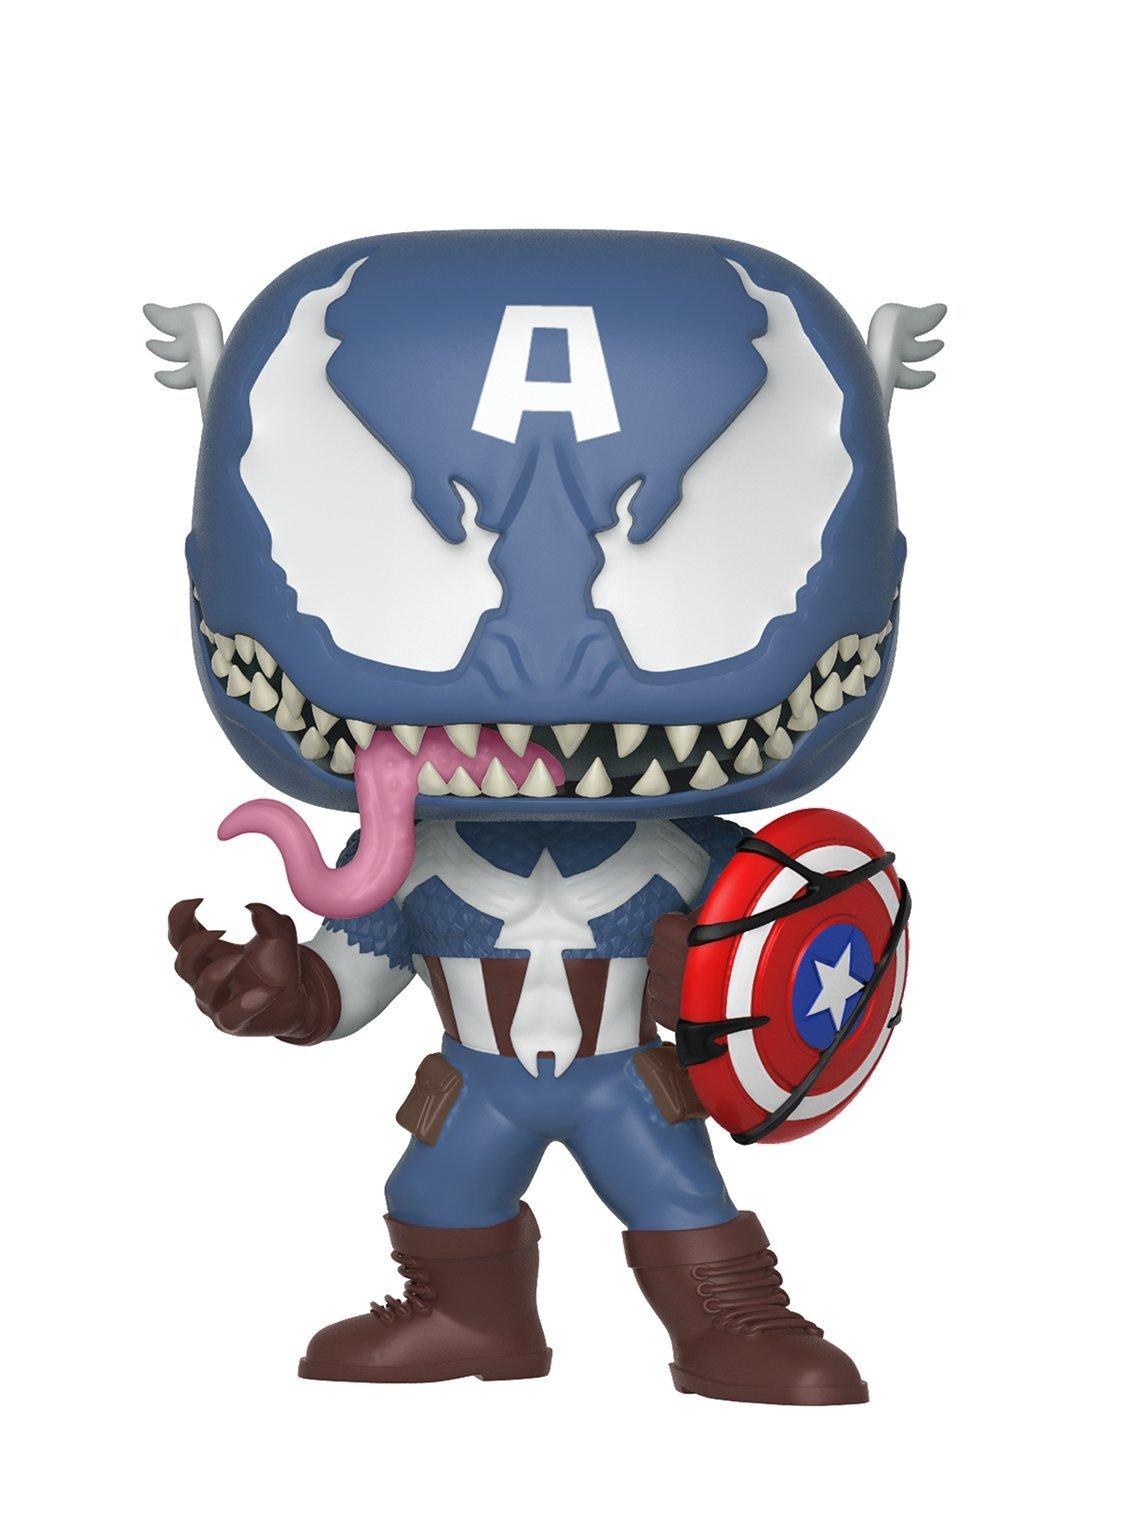 Funko Pop Marvel Venom Captain America Collectible Figure, Multicolor by Funko (Image #1)